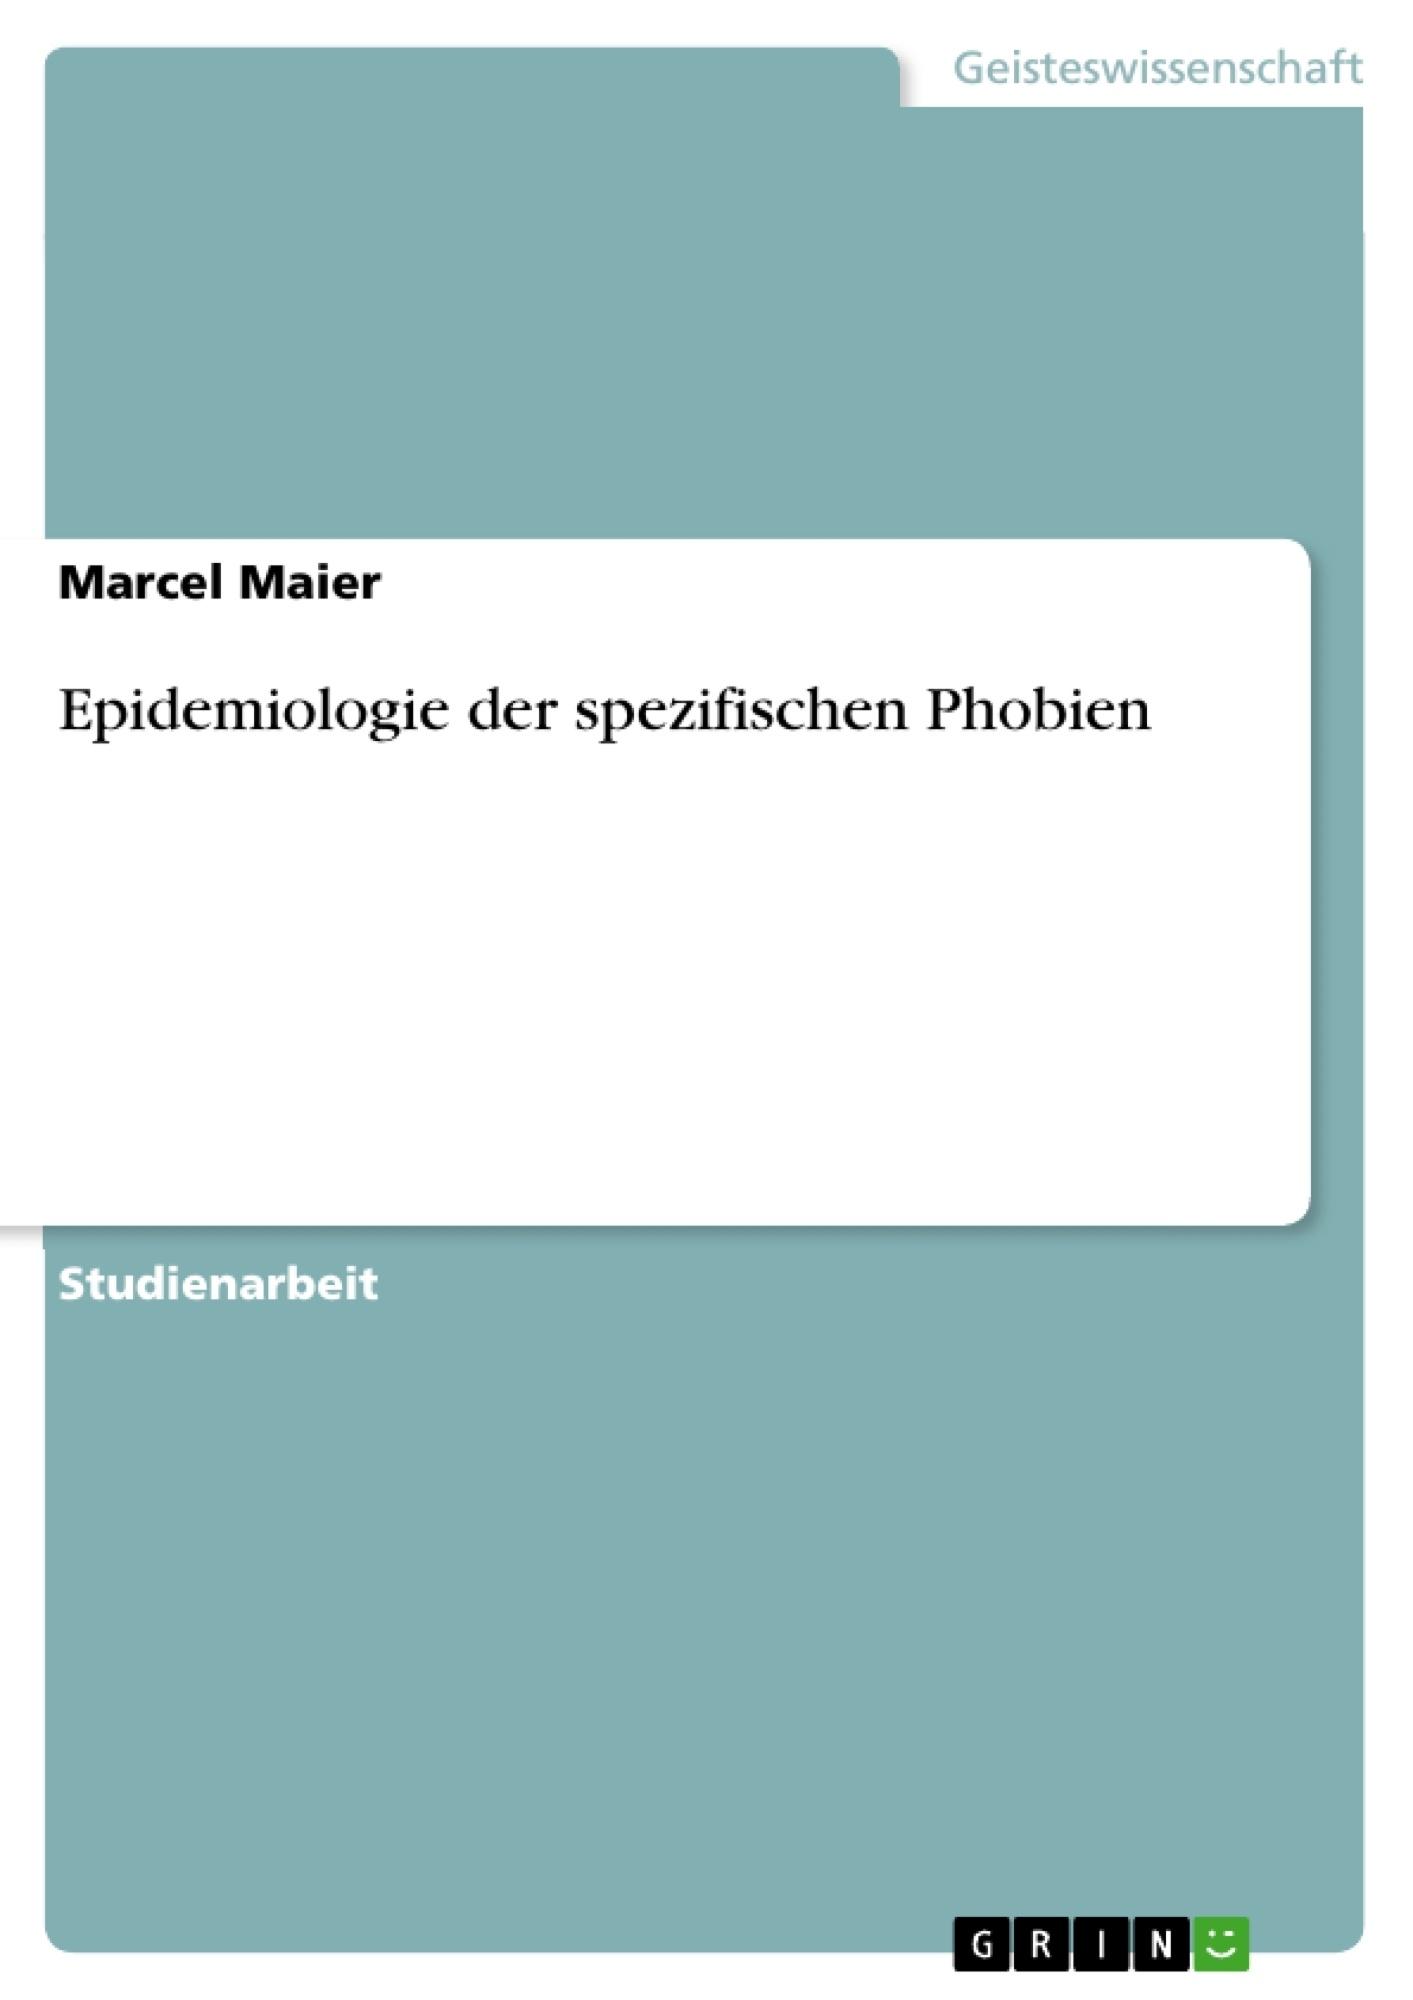 Titel: Epidemiologie der spezifischen Phobien